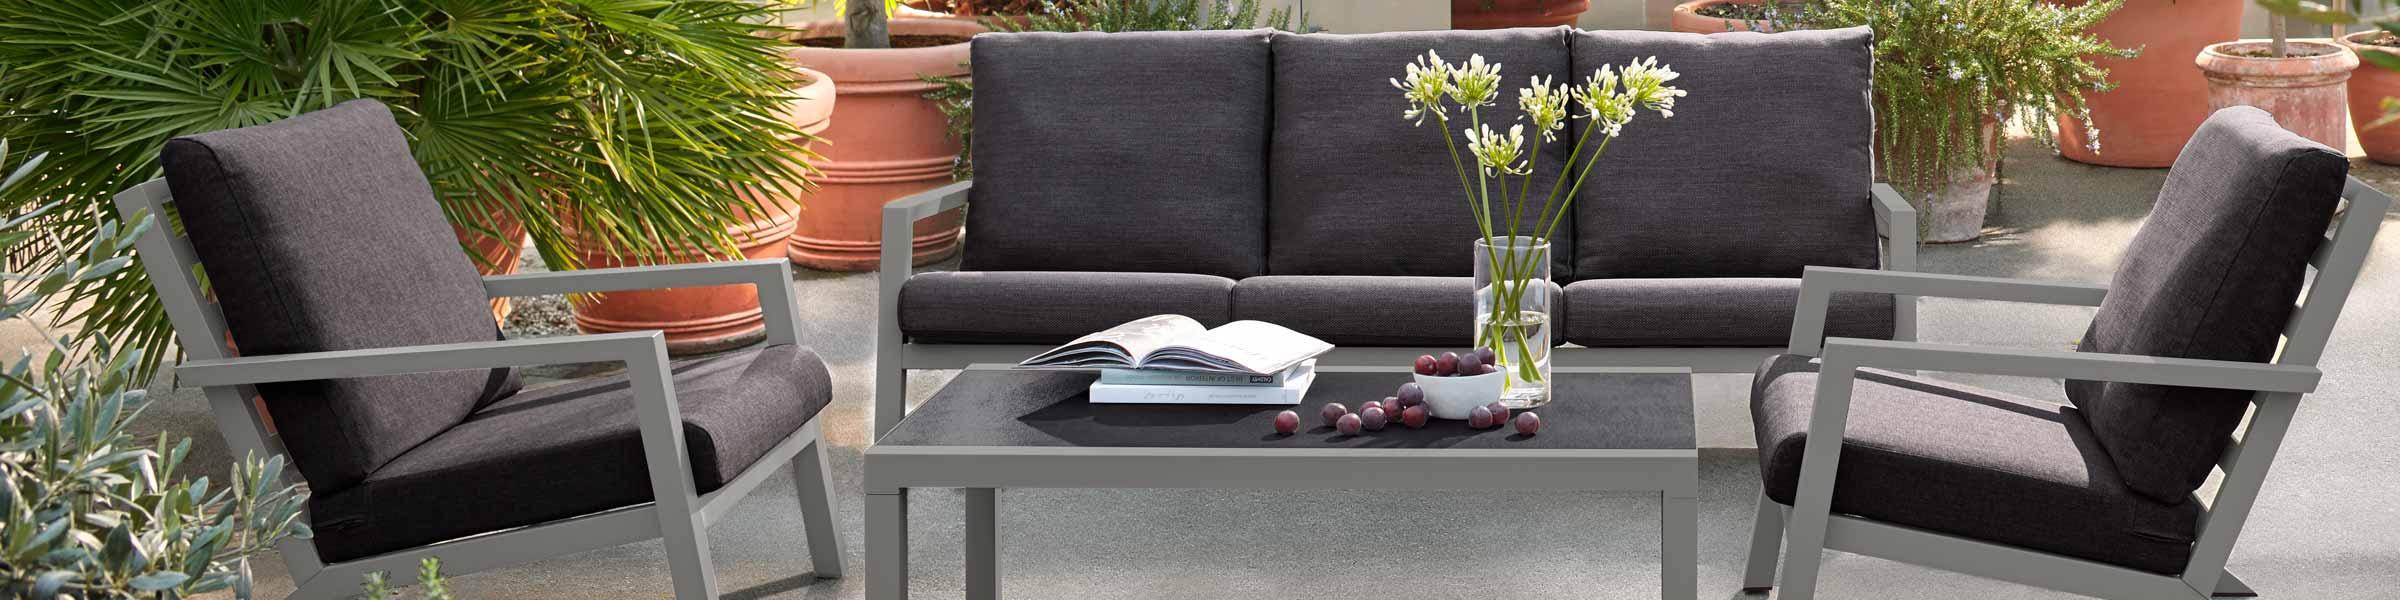 Gartenmöbel Sets Sitzgruppen Für Den Garten Dehner